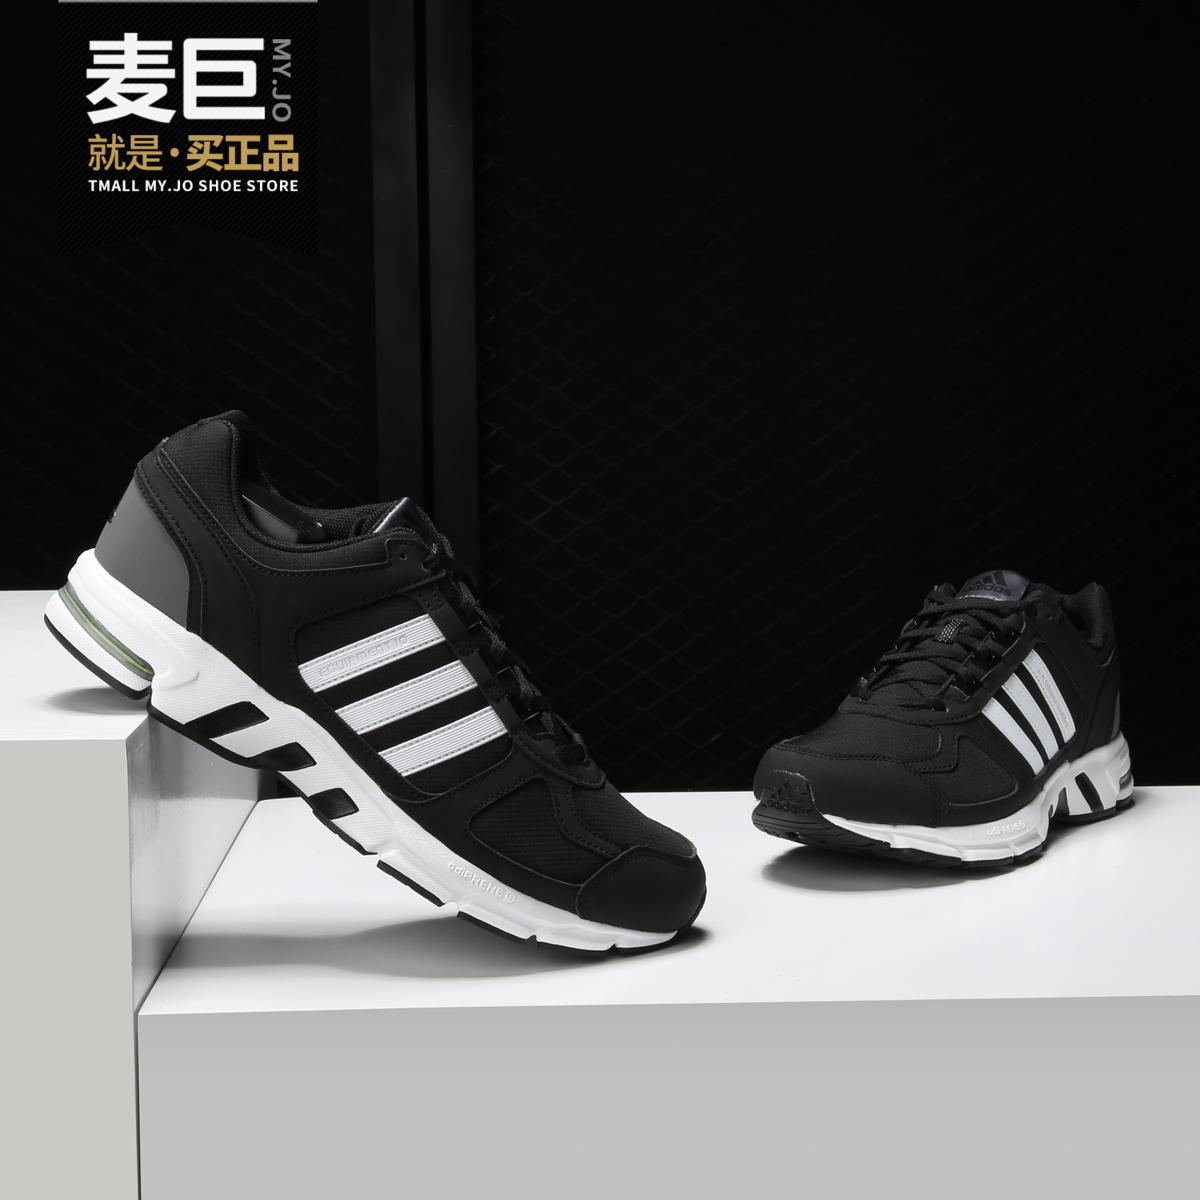 阿迪达斯运动鞋 Adidas阿迪达斯正品2021夏季新款男女透气运动休闲跑步鞋 DA9375_推荐淘宝好看的女阿迪达斯运动鞋